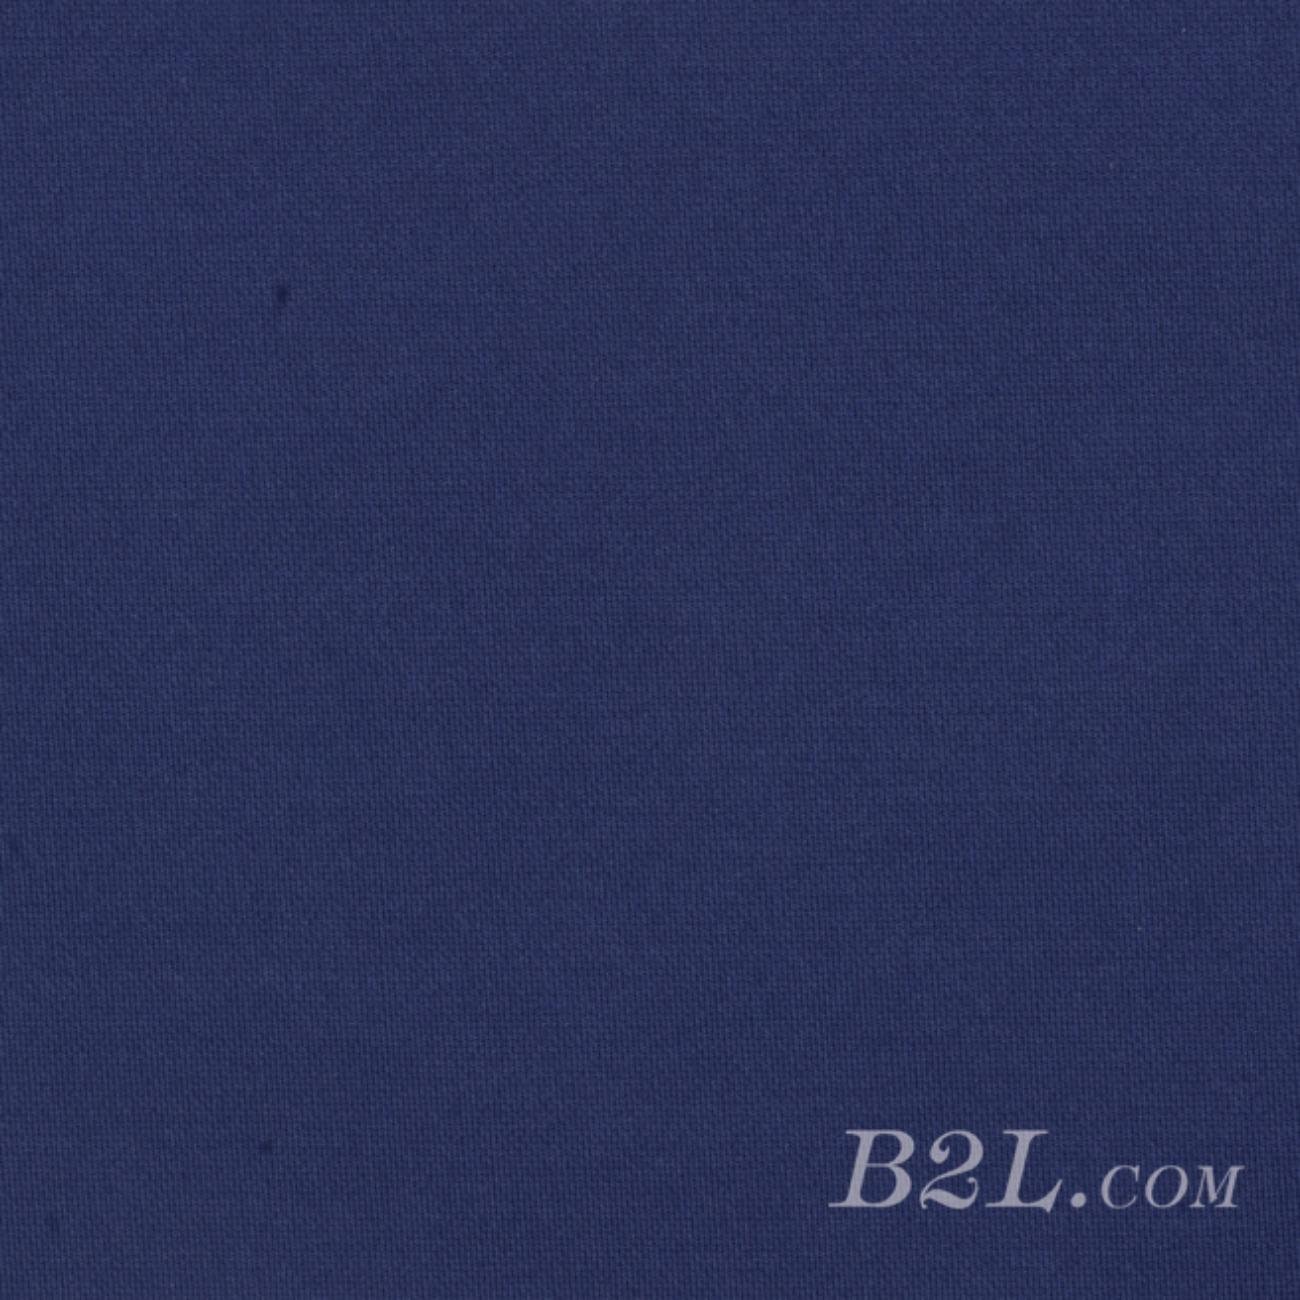 素色 针织 染色 弹力 春秋 卫衣 裤装 外套 女装 90809-5-1